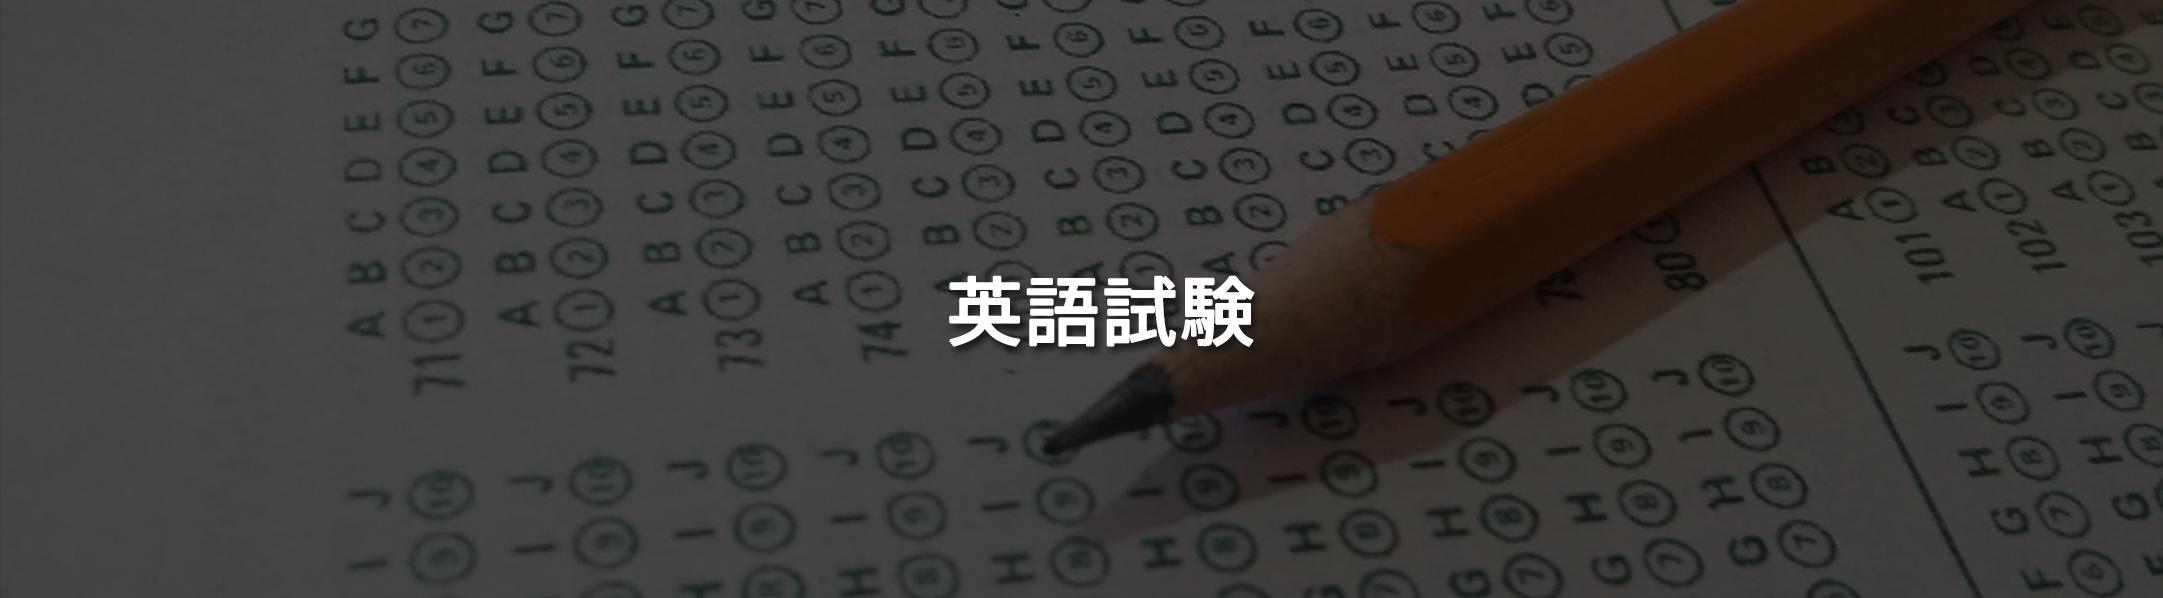 英語試験のイメージ